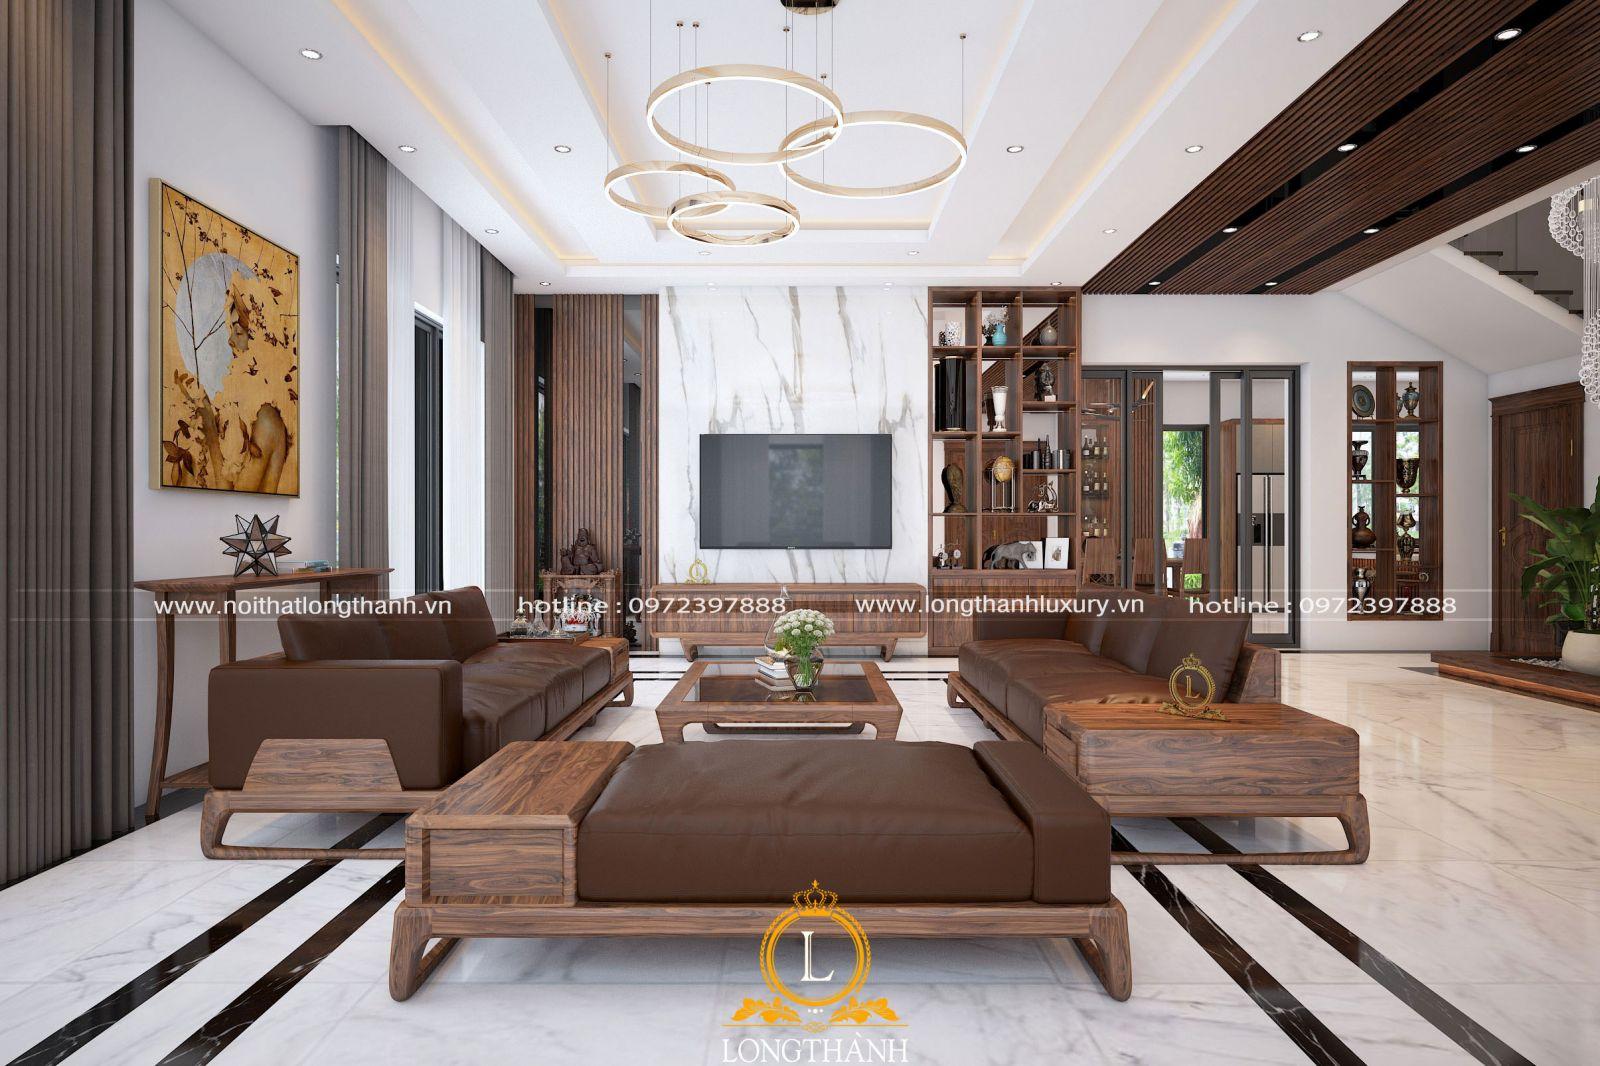 Mẫu nội thất đẹp cho phòng khách nhà biệt thự LT09